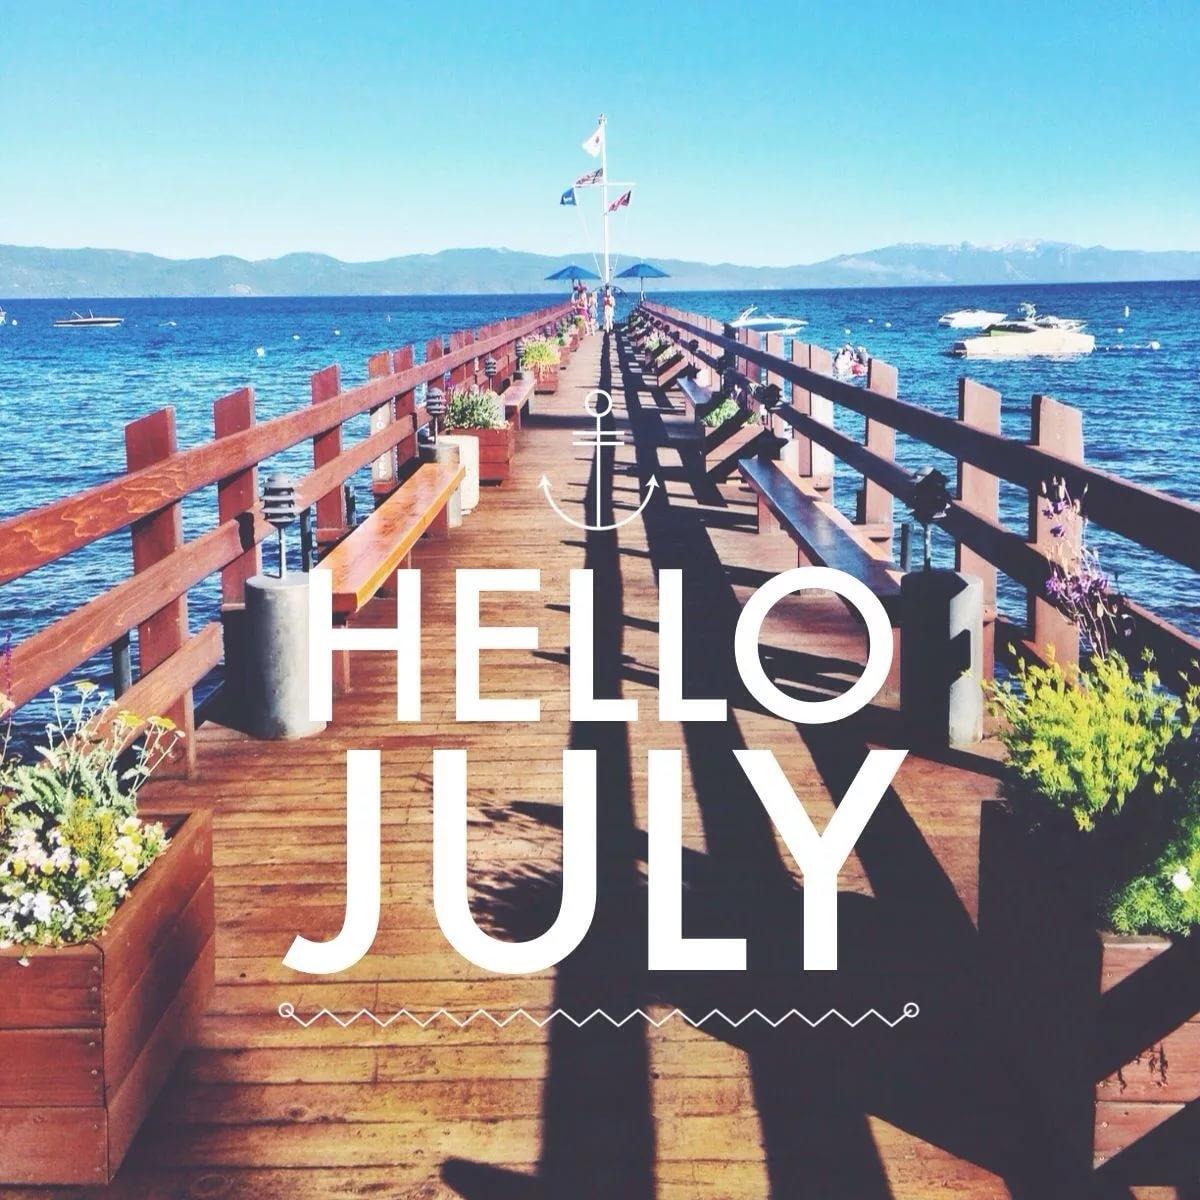 Хочунья песенка, лето июль картинки с надписями